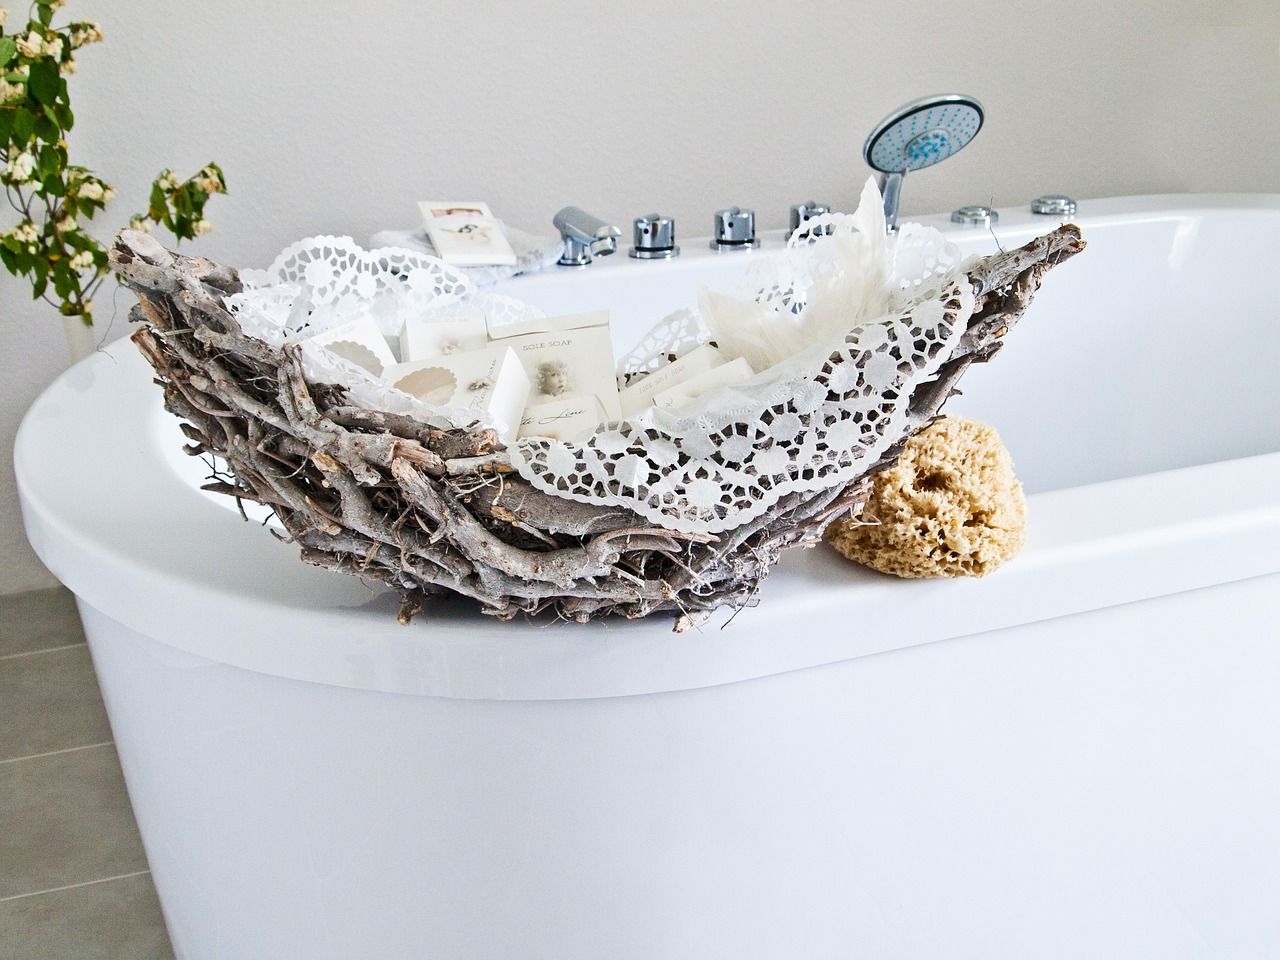 思わぬトラブルの可能性が!石鹸の消費期限確認のすすめ